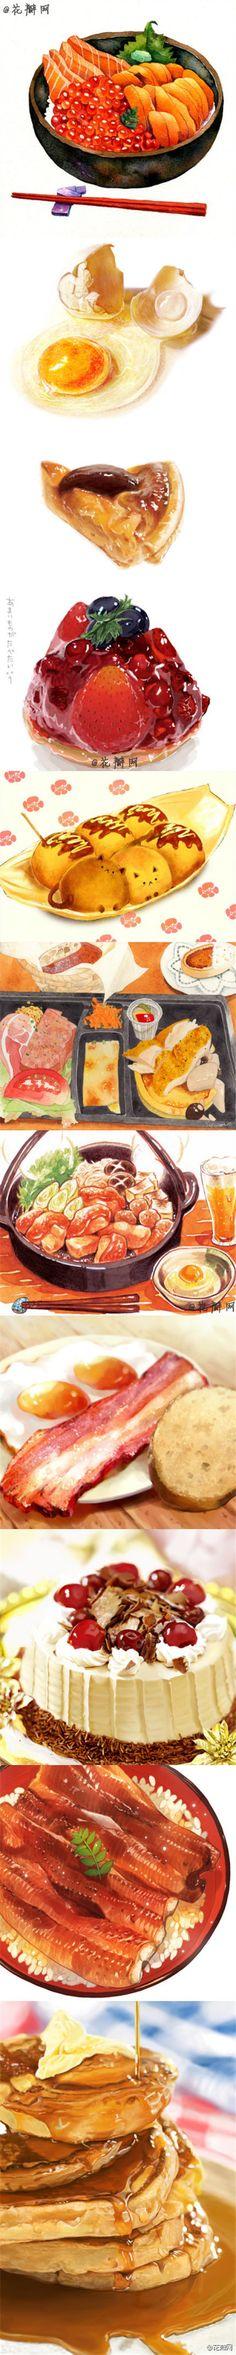 笔尖下的美食,超赞的食物手绘作品,画出来的美味惟妙惟肖,细腻精致!口水流下来了吗?来自Food-yummy→http://t.cn/zjnJNLH - 堆糖 发现生活_收集美好_分享图片